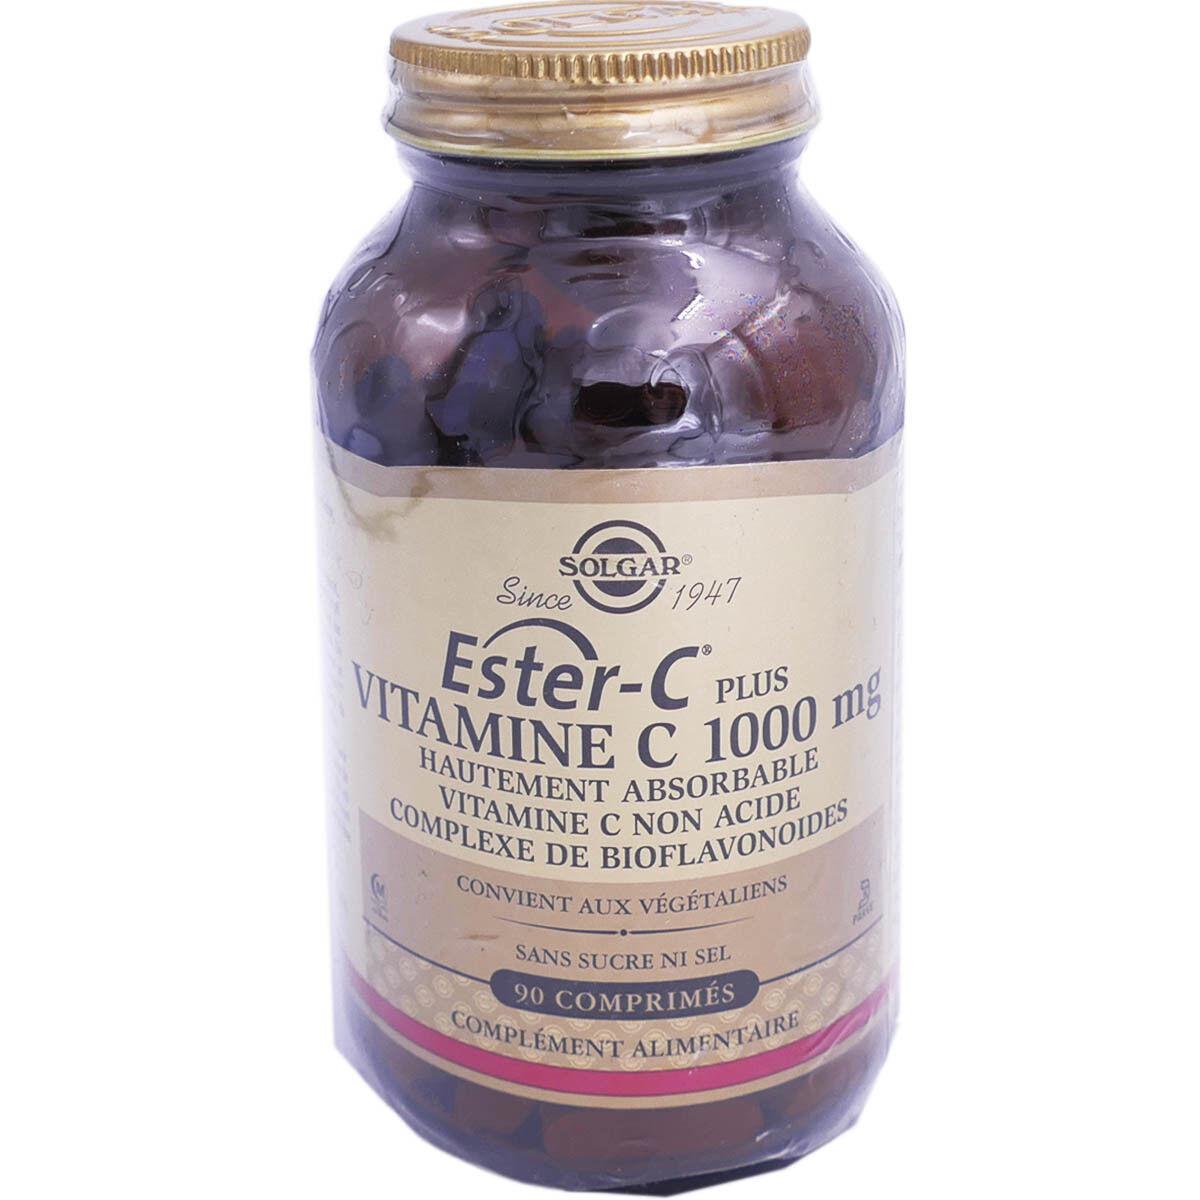 Solgar ester-c plus vitamine c 1000 mg 90 comprimes